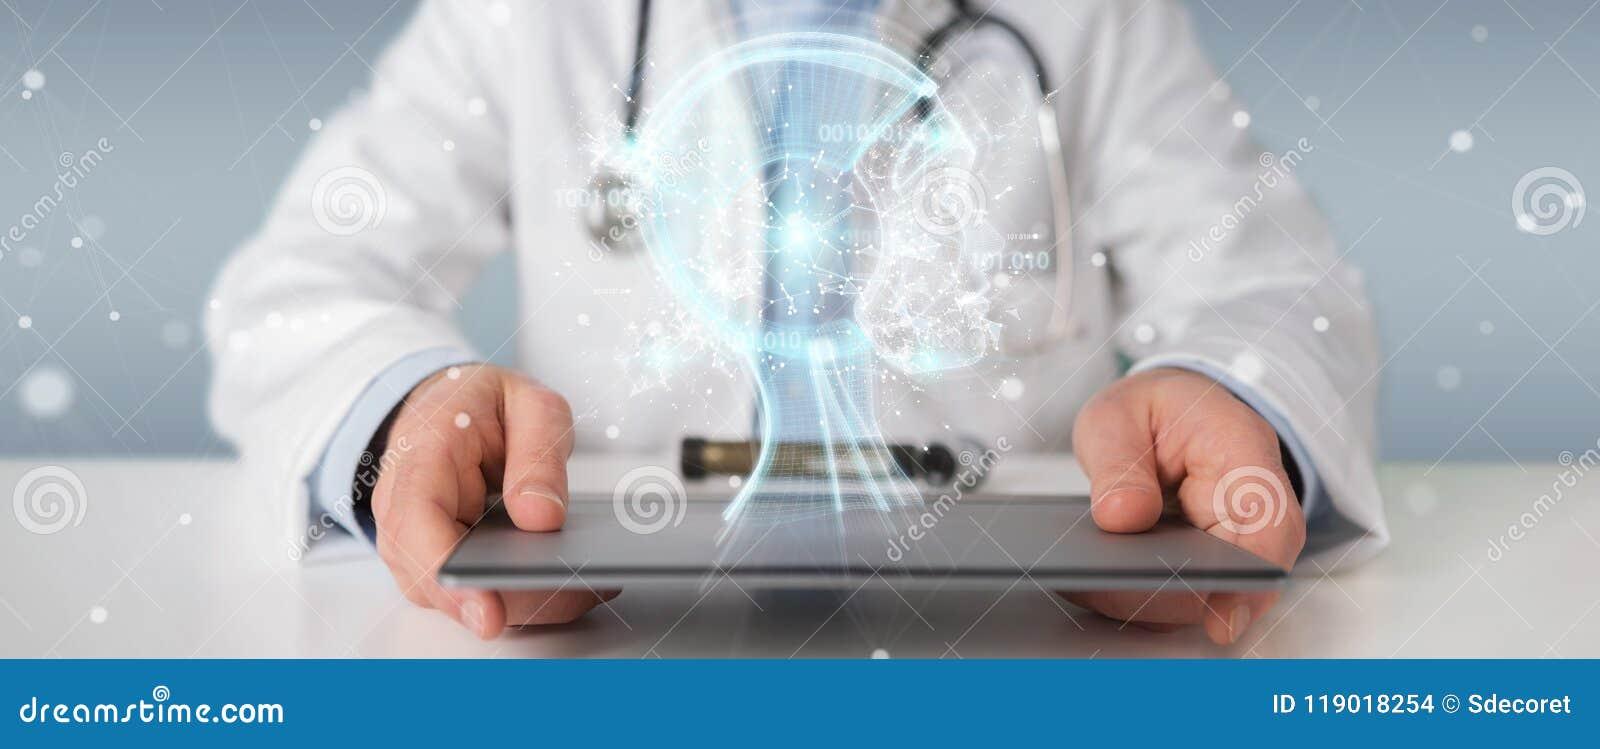 De arts die digitale 3D kunstmatige intelligentieinterface gebruiken geeft terug